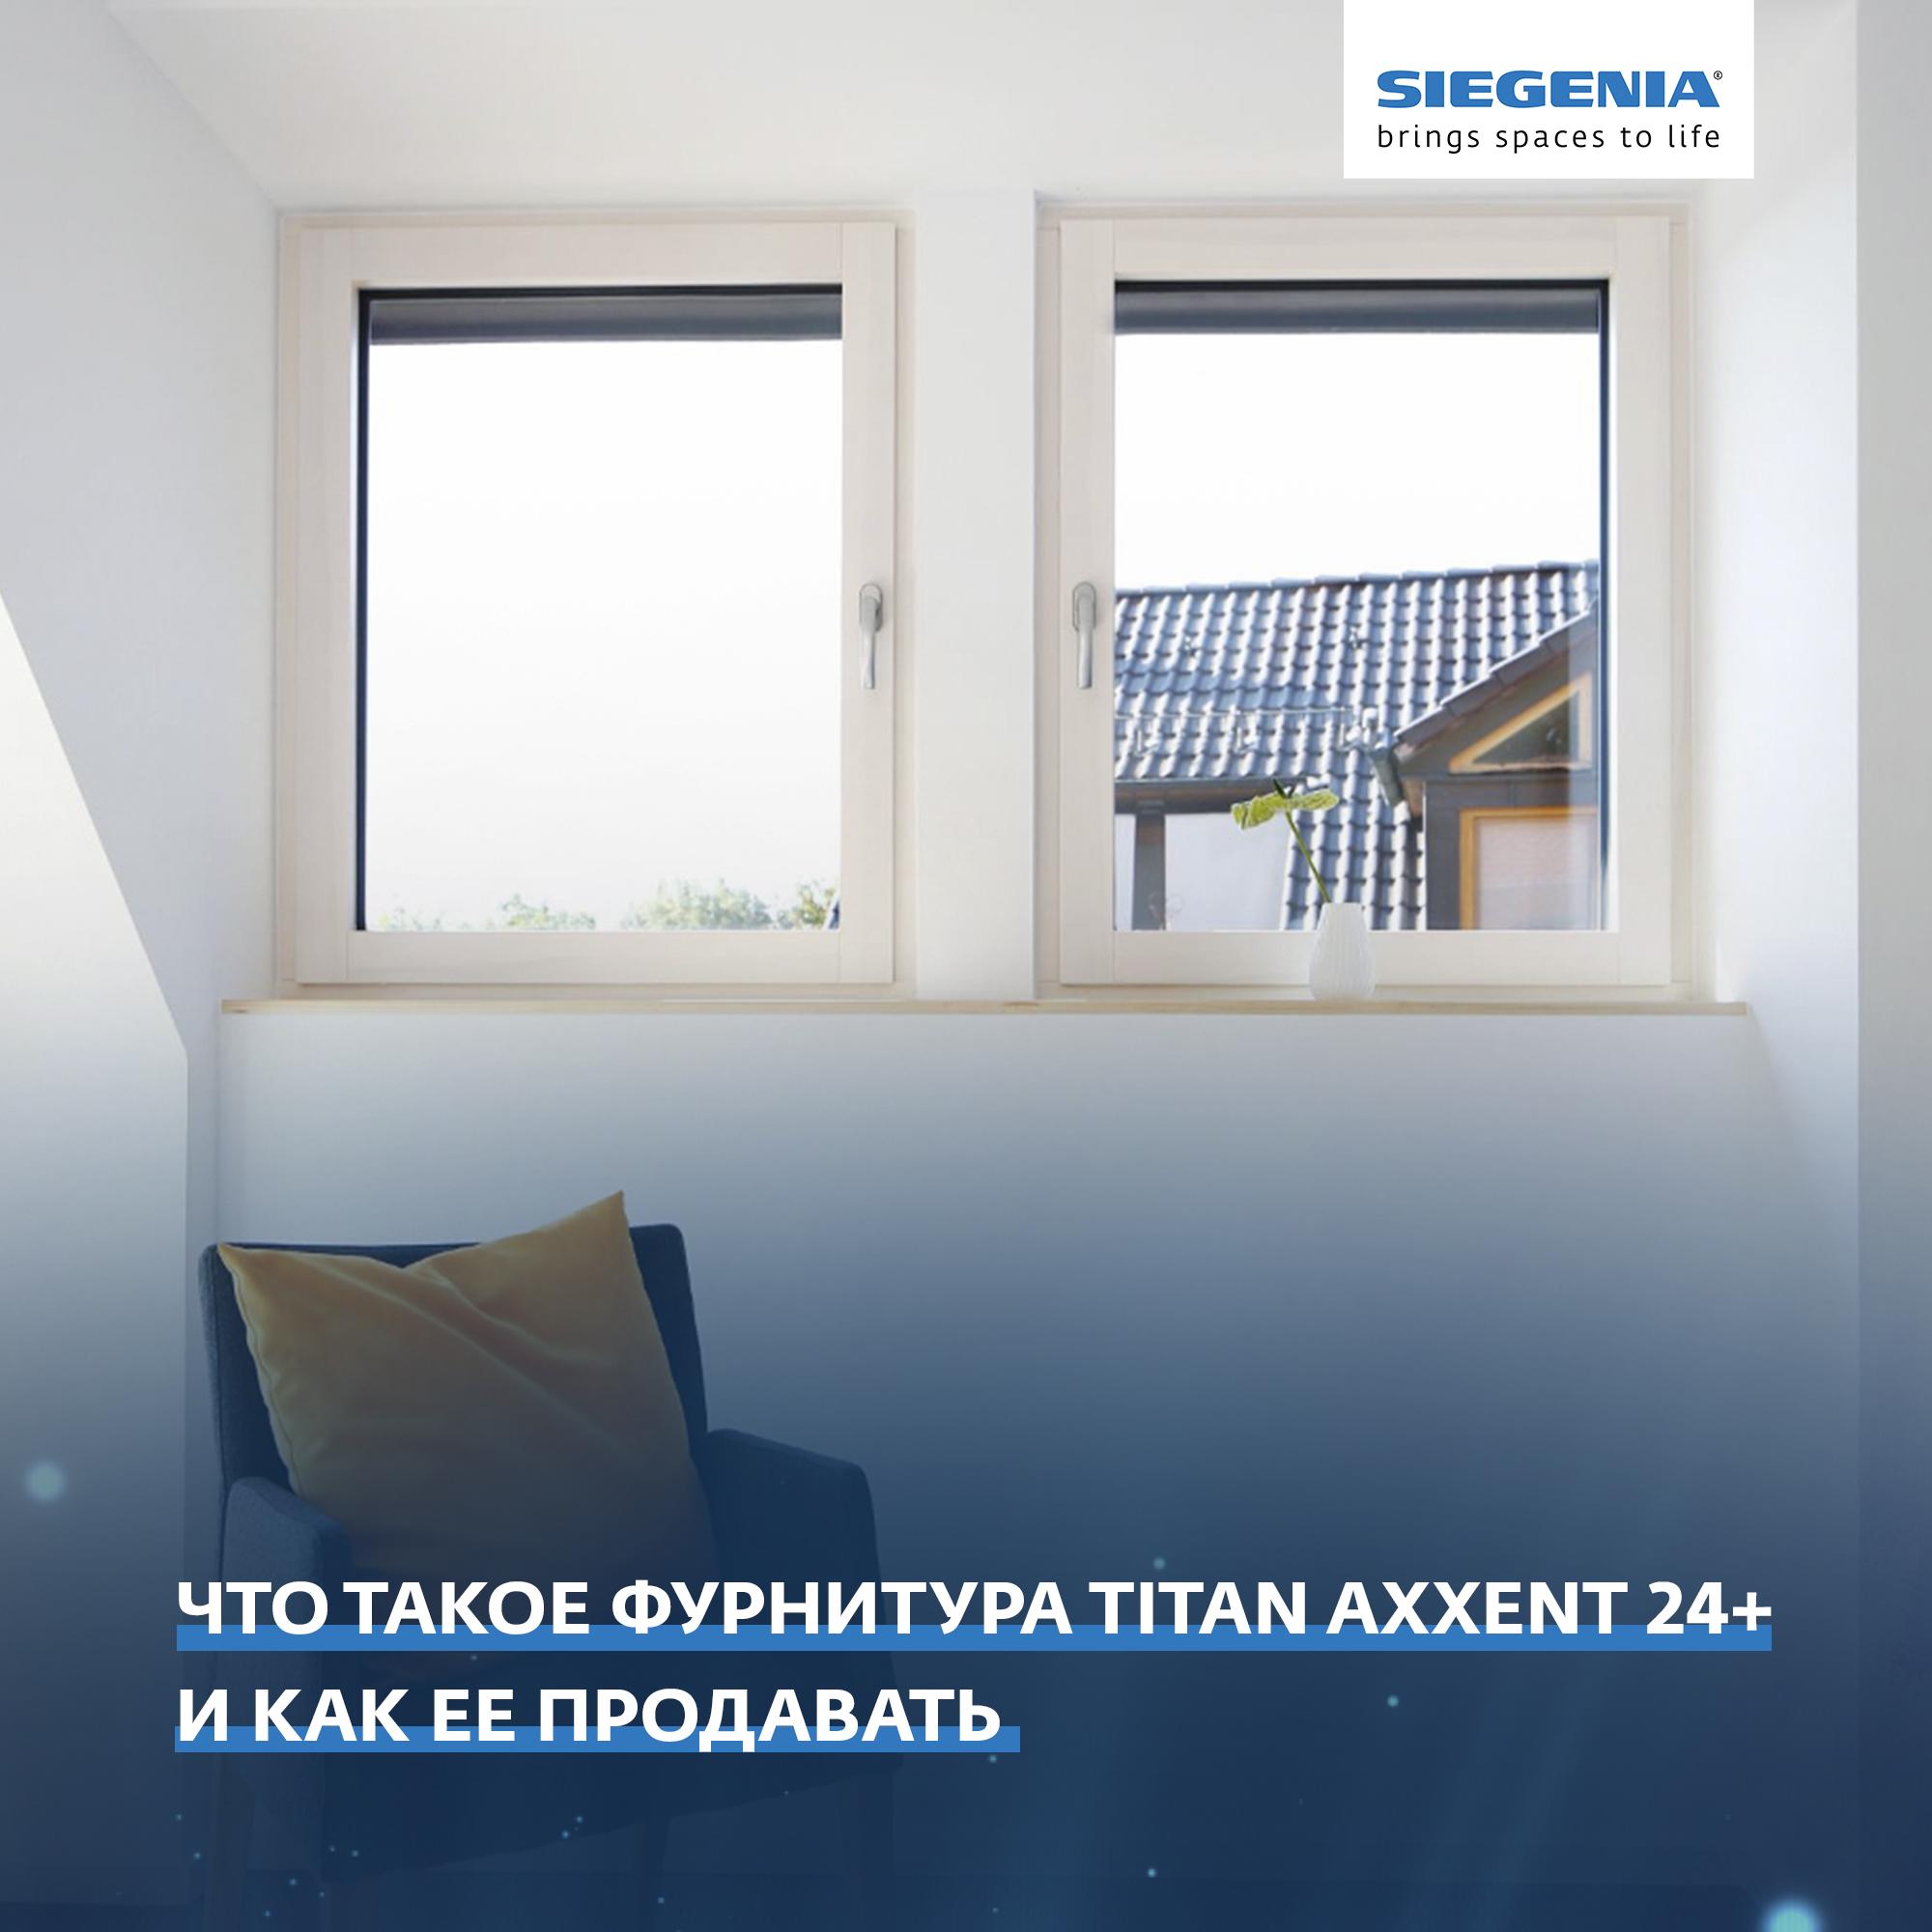 chto-takoe-furnitura-titan-af-axxent-24-i-kak-ee-prodavat